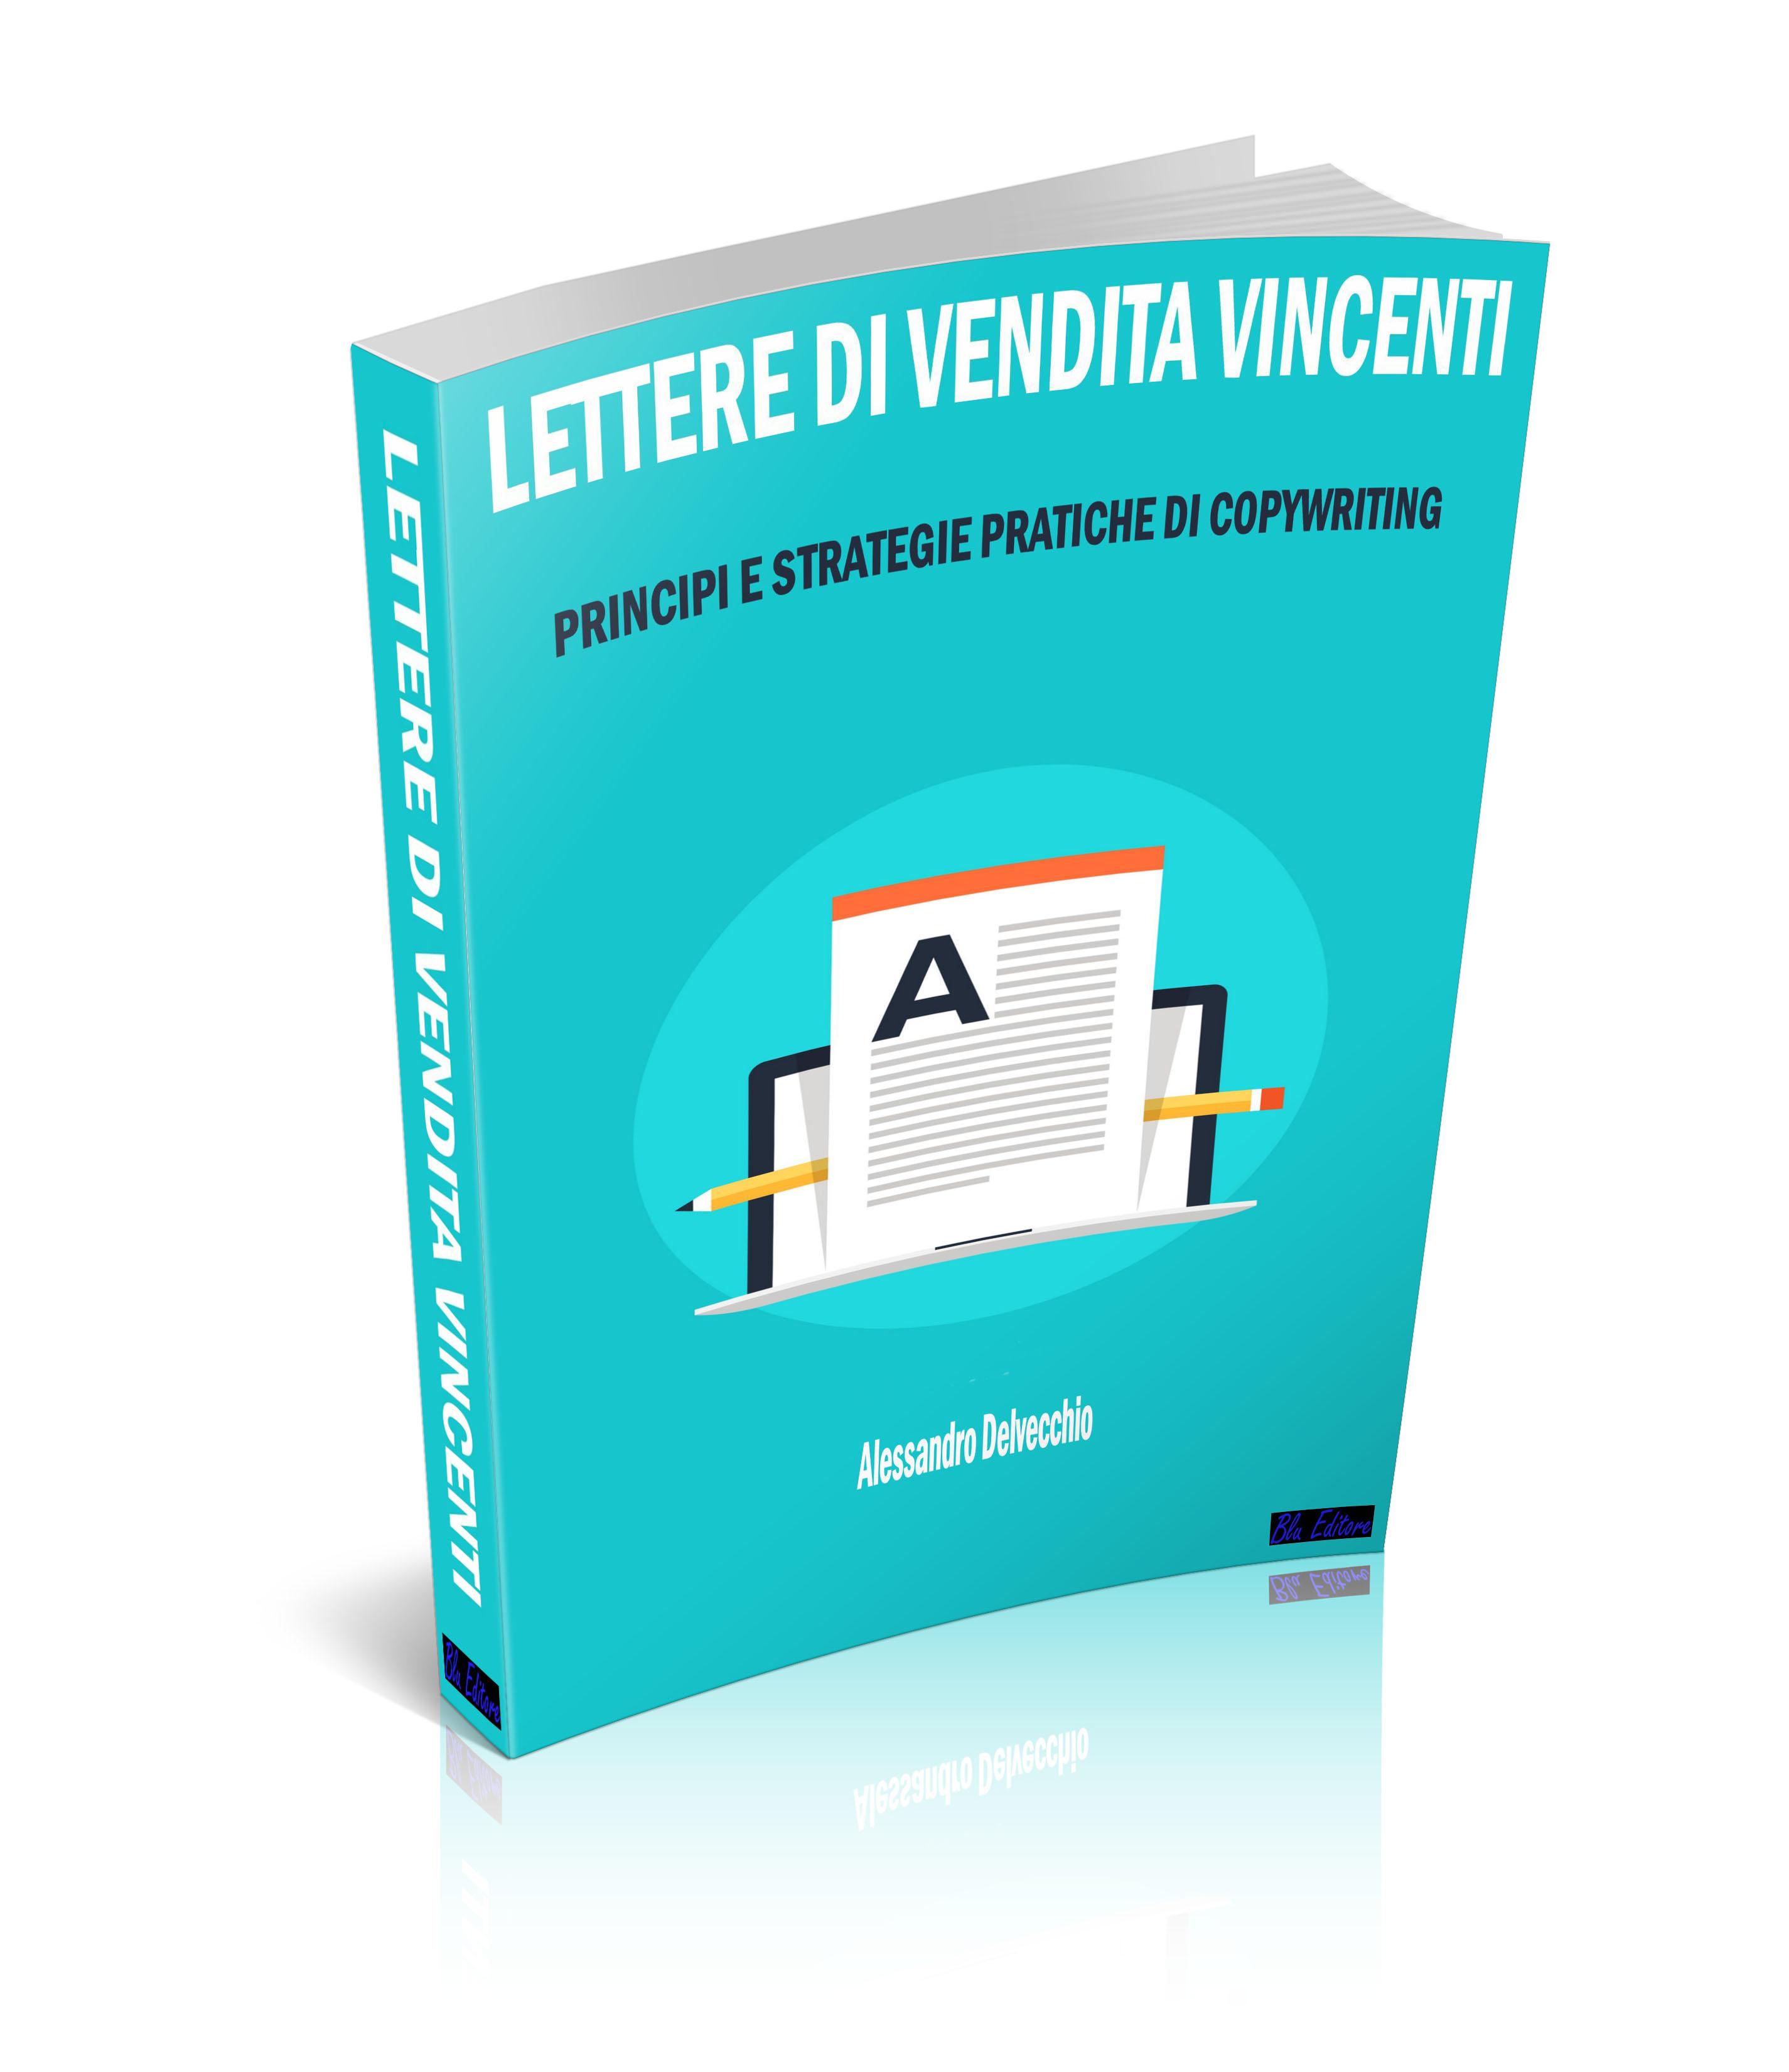 Lettere di Vendita Vincenti